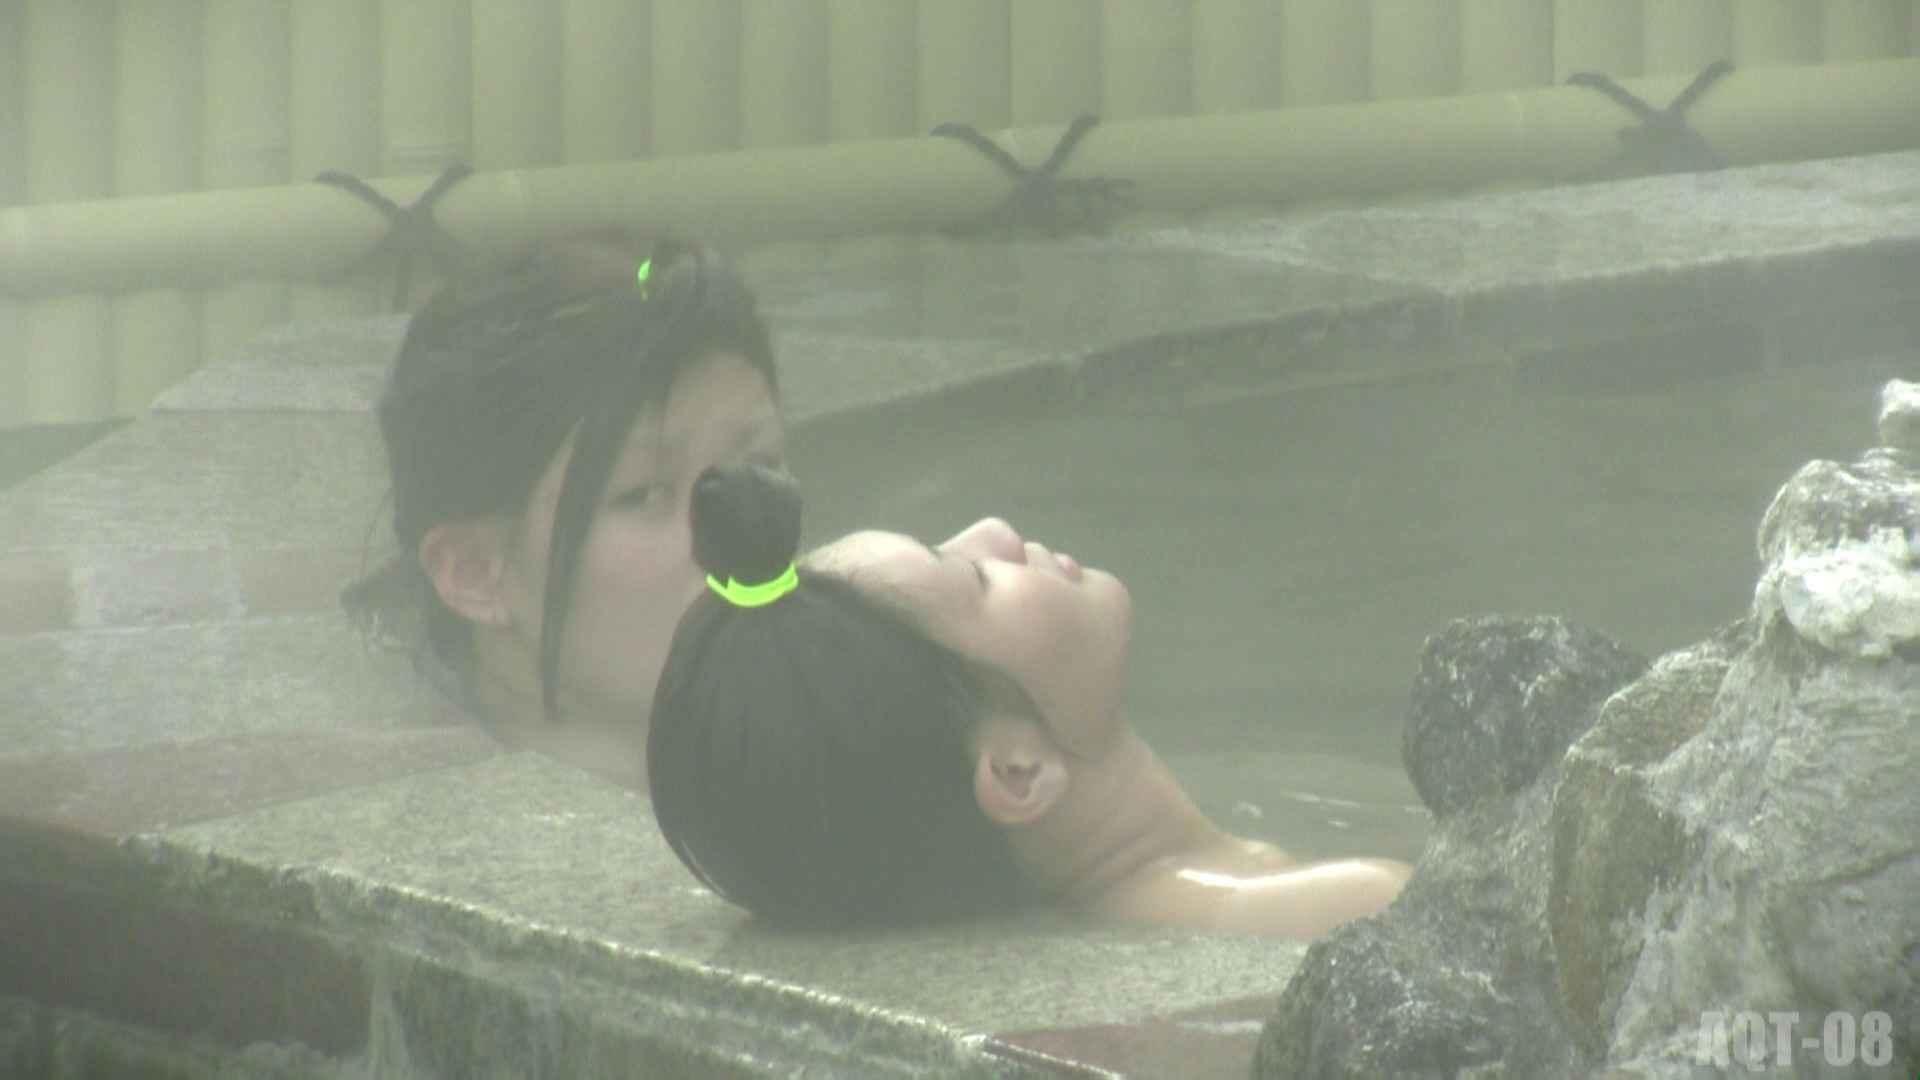 Aquaな露天風呂Vol.777 美しいOLの裸体  101pic 21